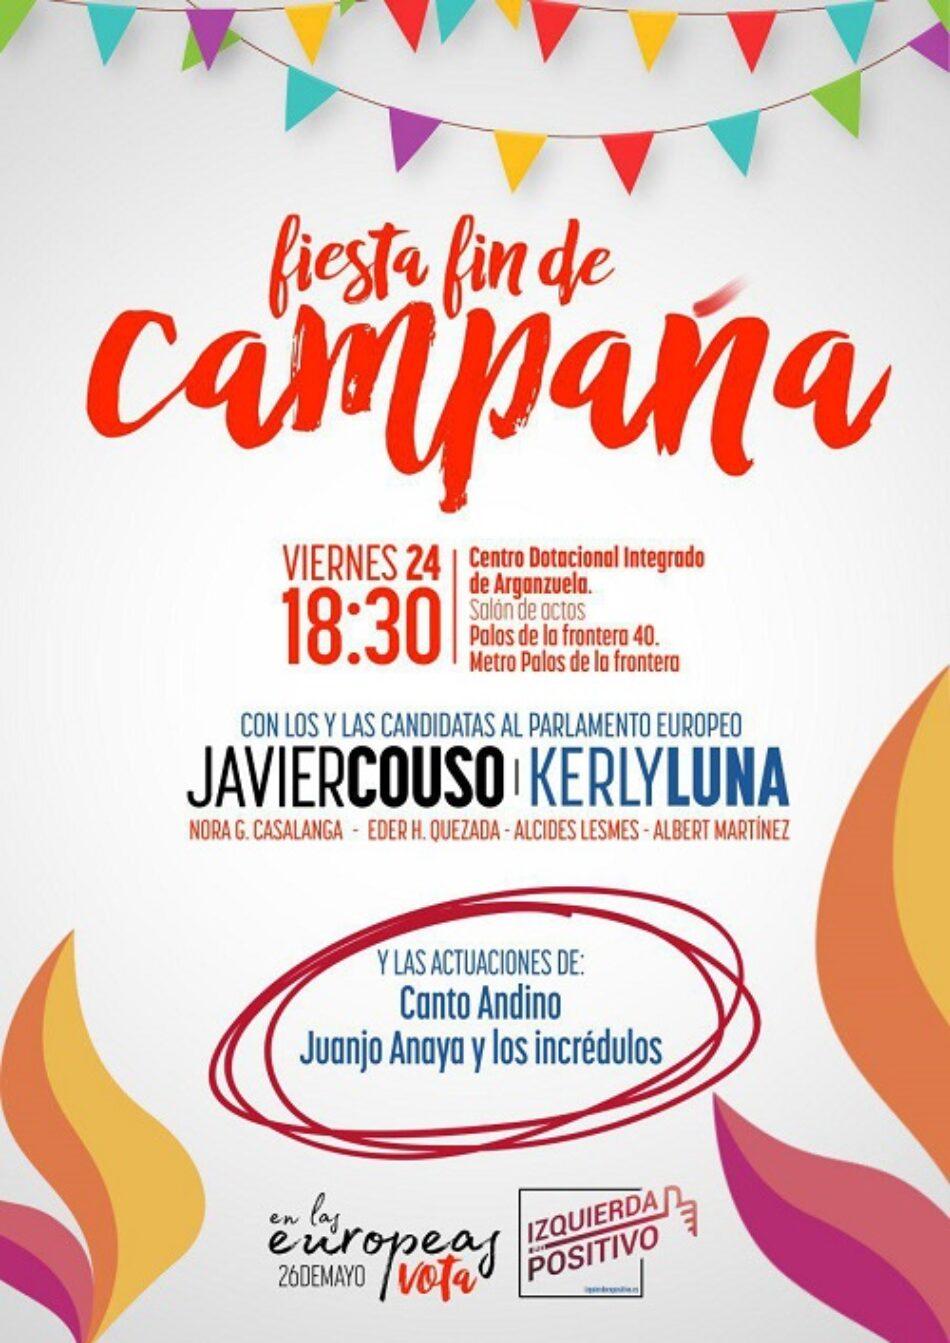 Cierre de campaña de Izquierda en Positivo en Madrid con el candidato al Parlamento Europeo Javier Couso